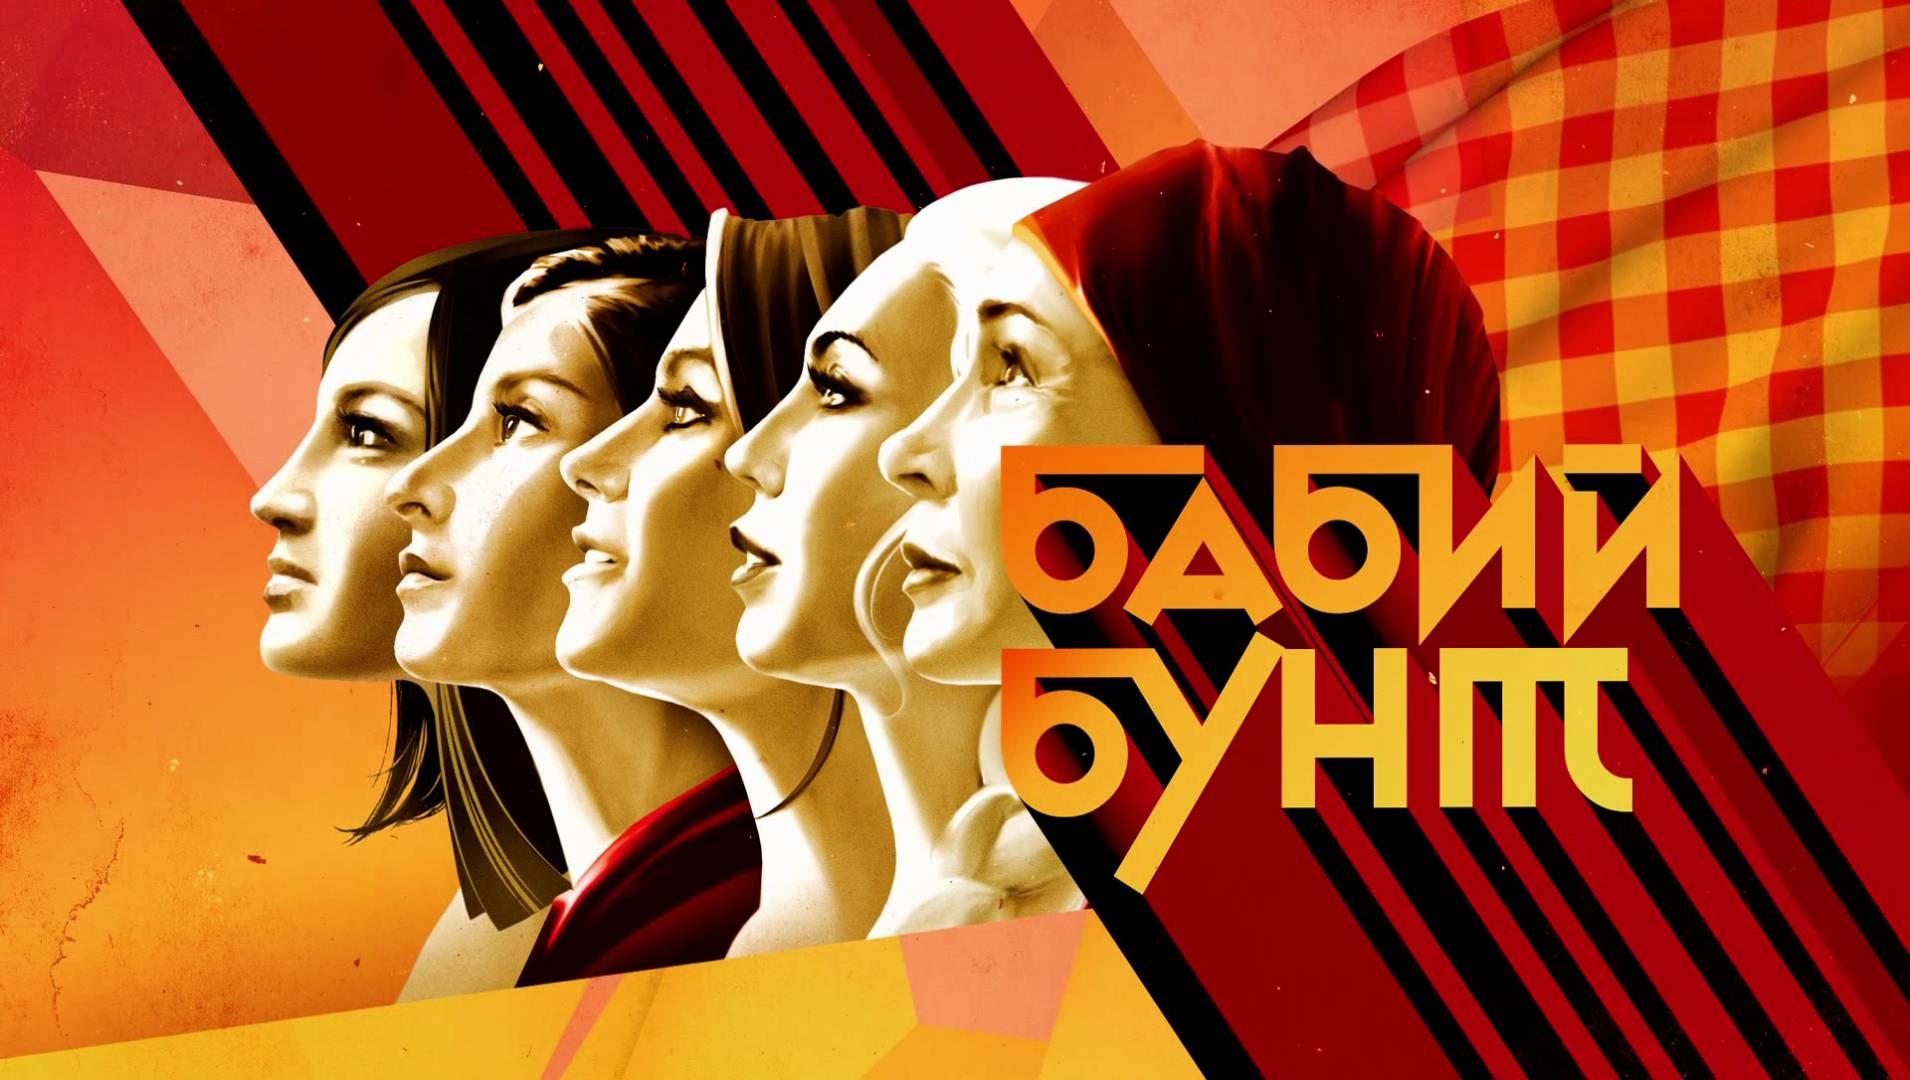 Бабий бунт - ТВ-шоу